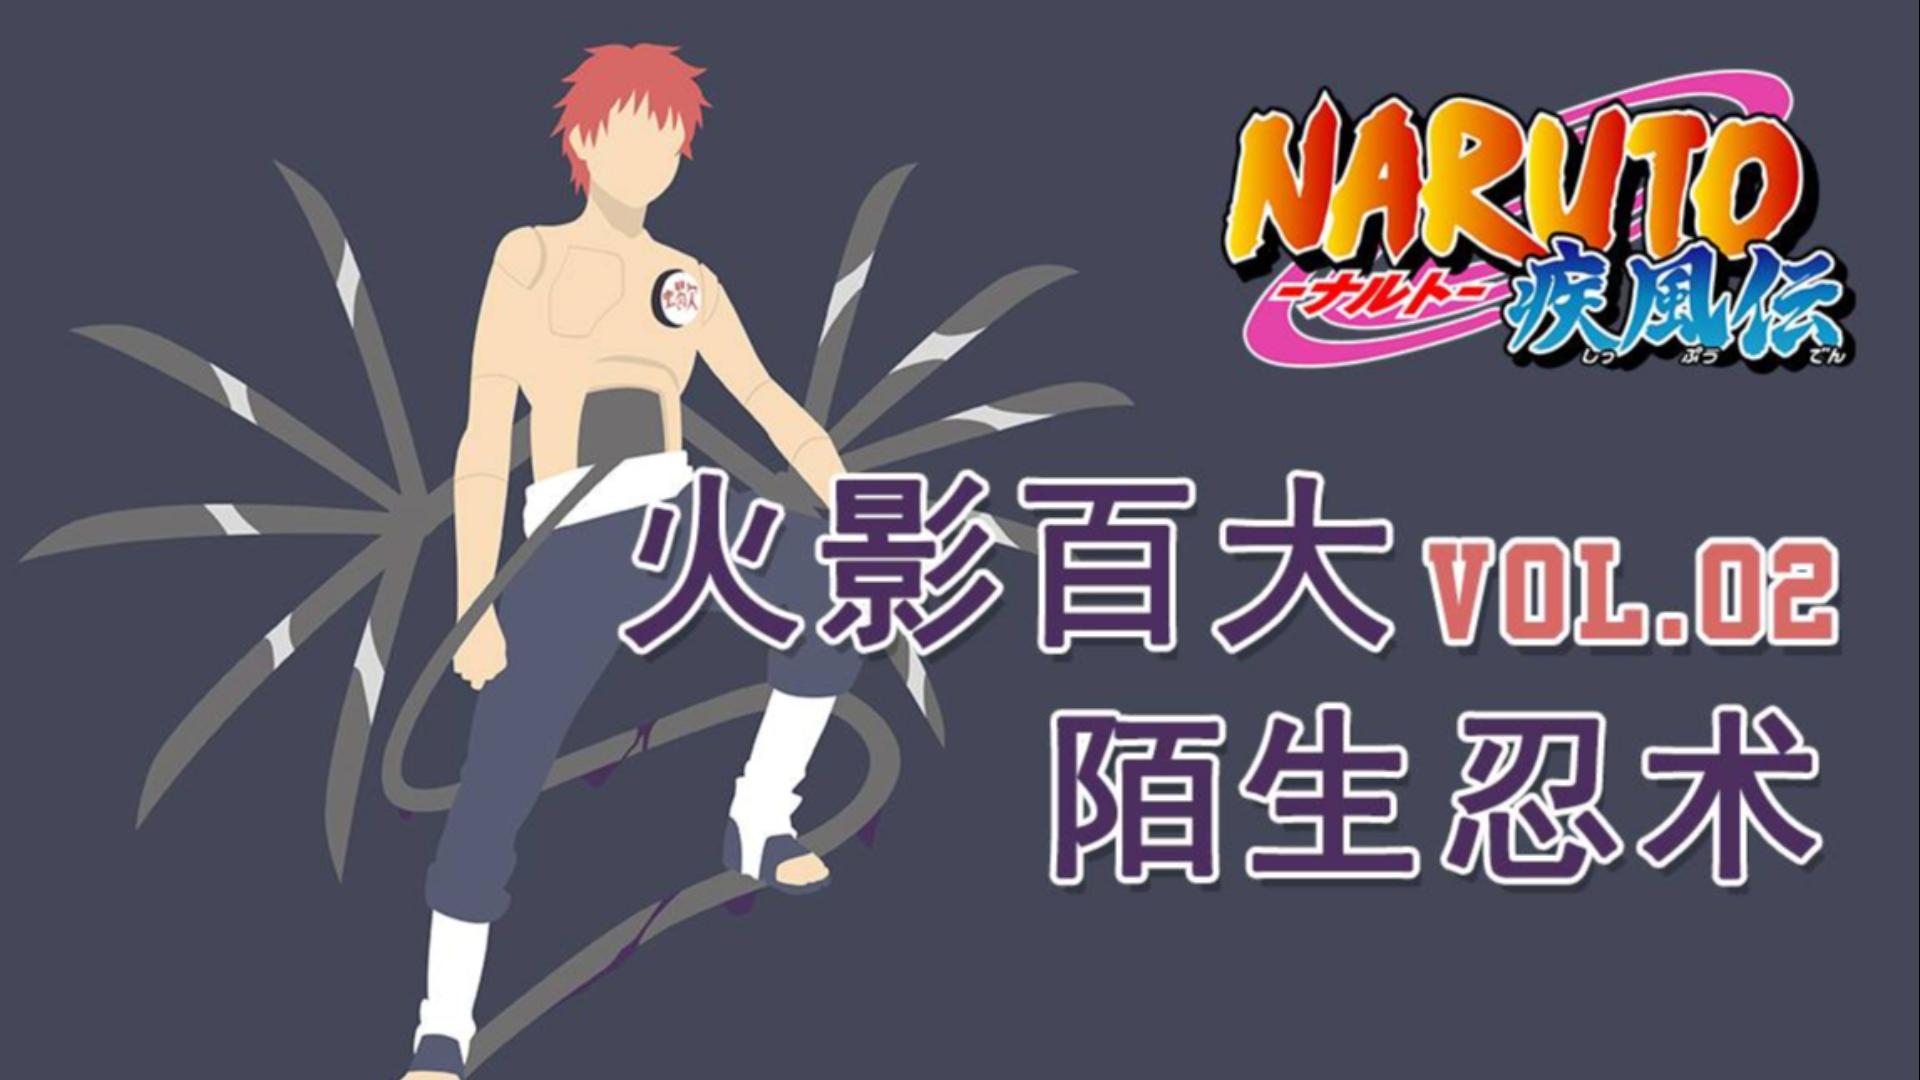 火影忍者TV百大陌生忍术盘点-第二期Vol.2#90-81名